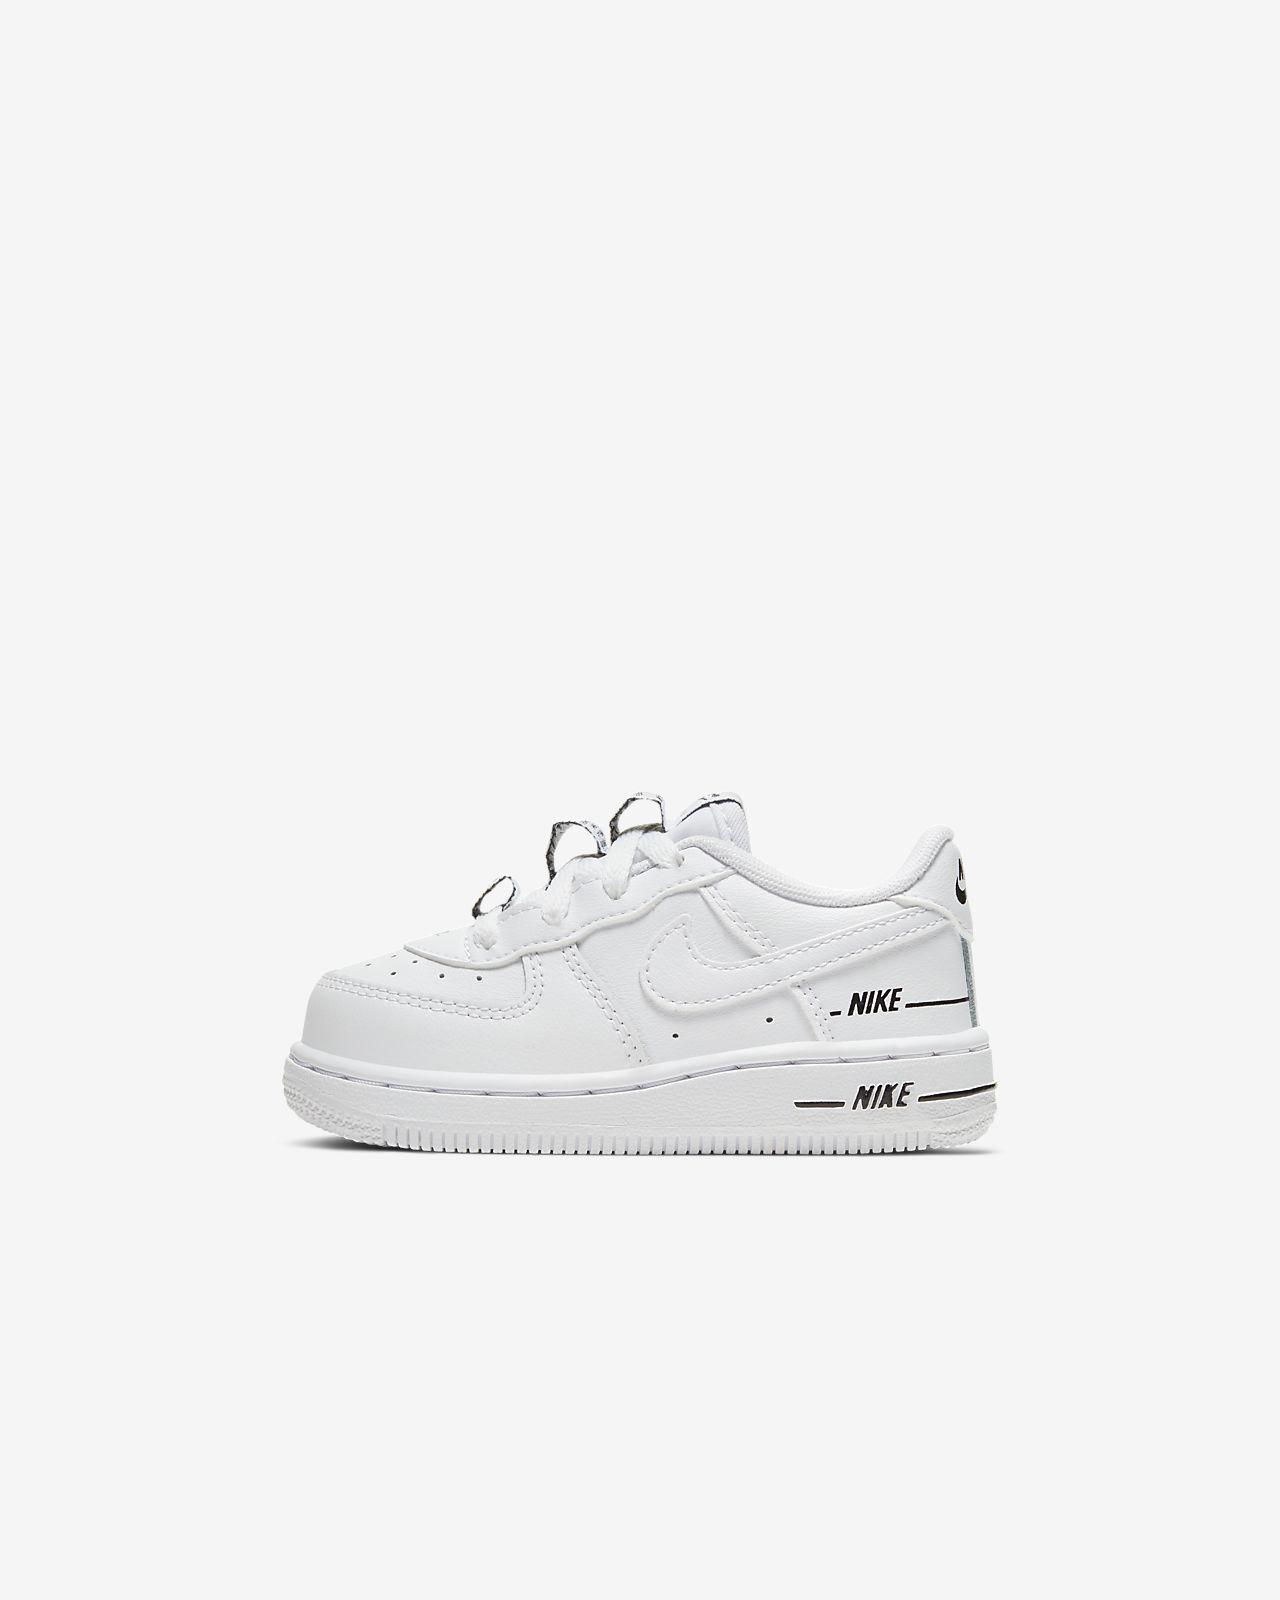 Nike Air Force 1 | Homens Nike Air Force 1 '07 LV8 JDI Preto